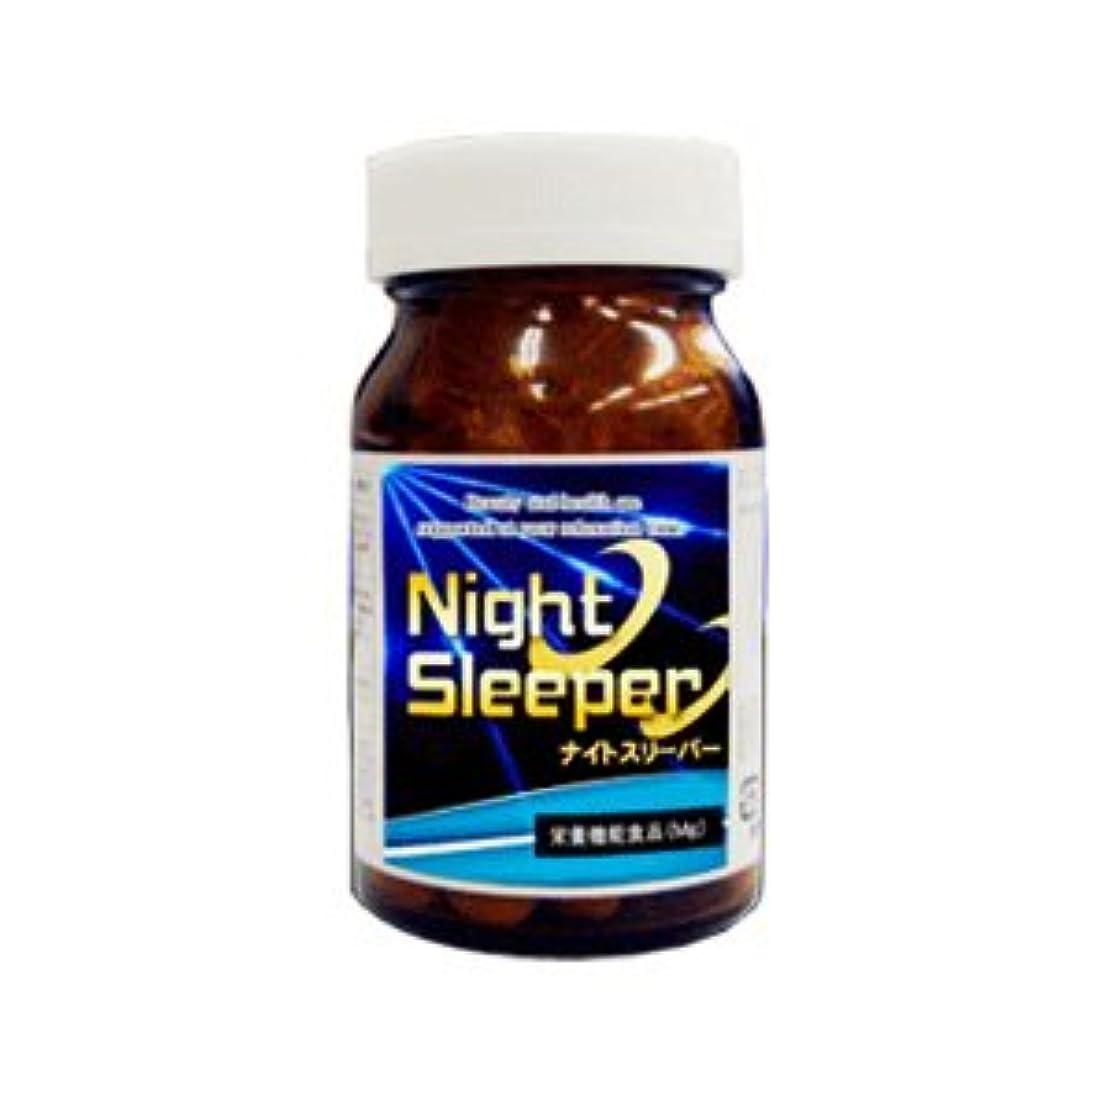 タックル外観に賛成ナイトスリーパー nightsleeper